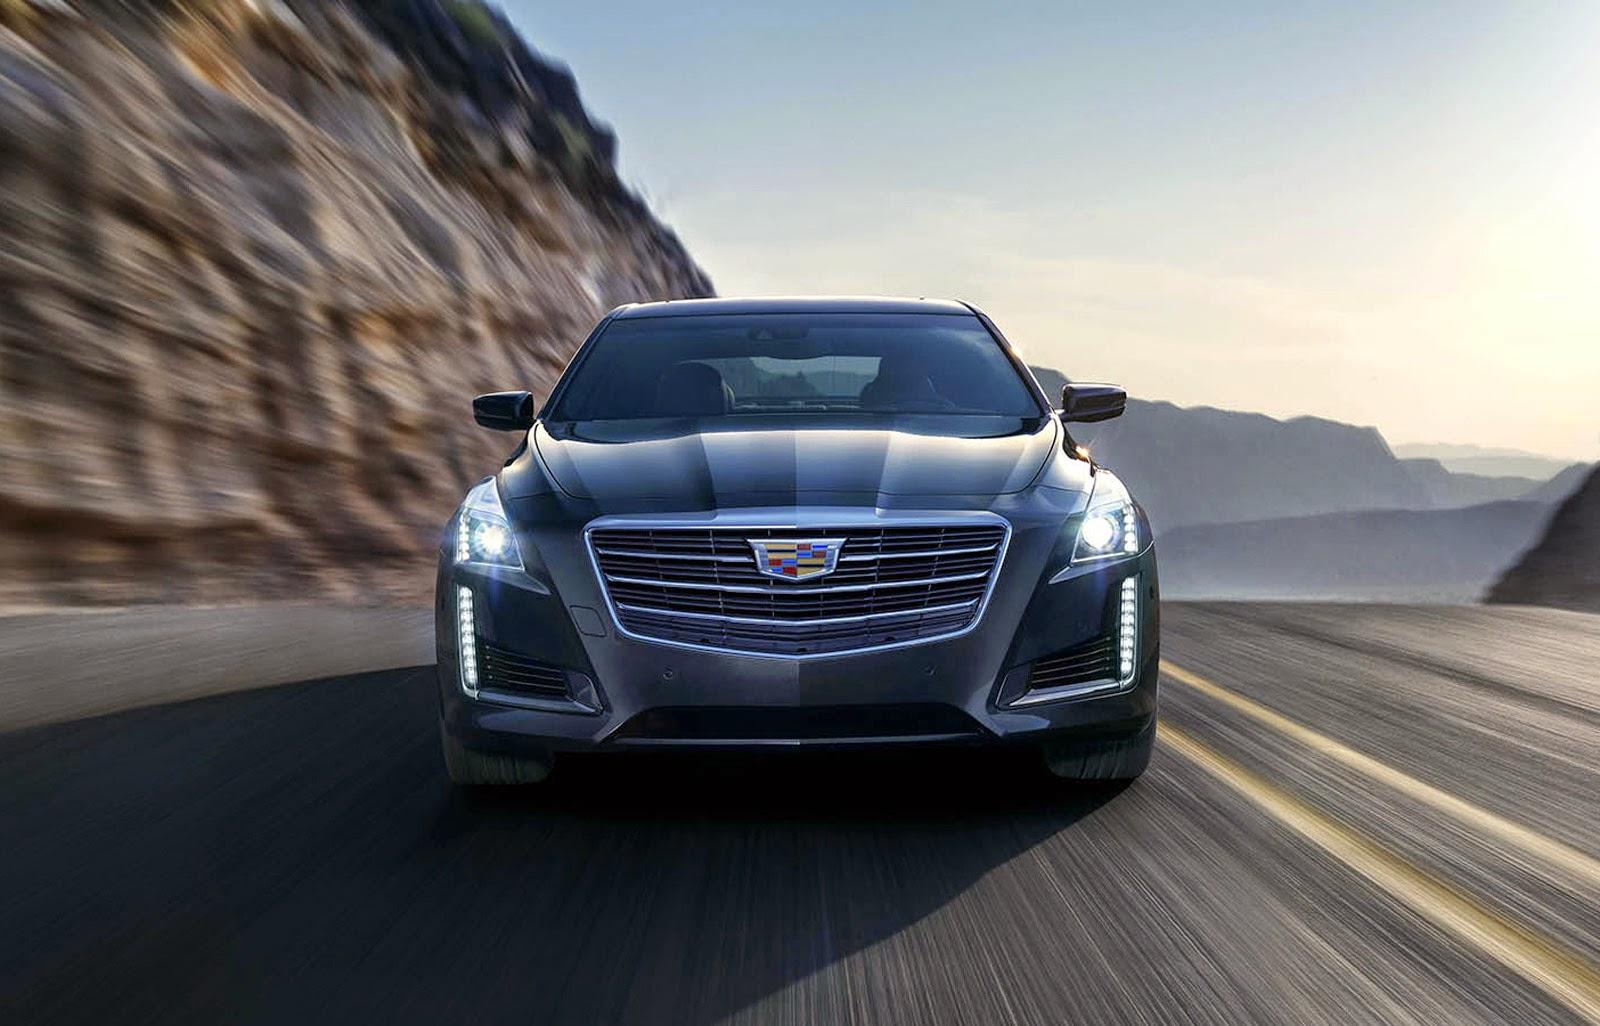 2015 Cadillac CTS Earns 5-Star NHTSA Safety Rating